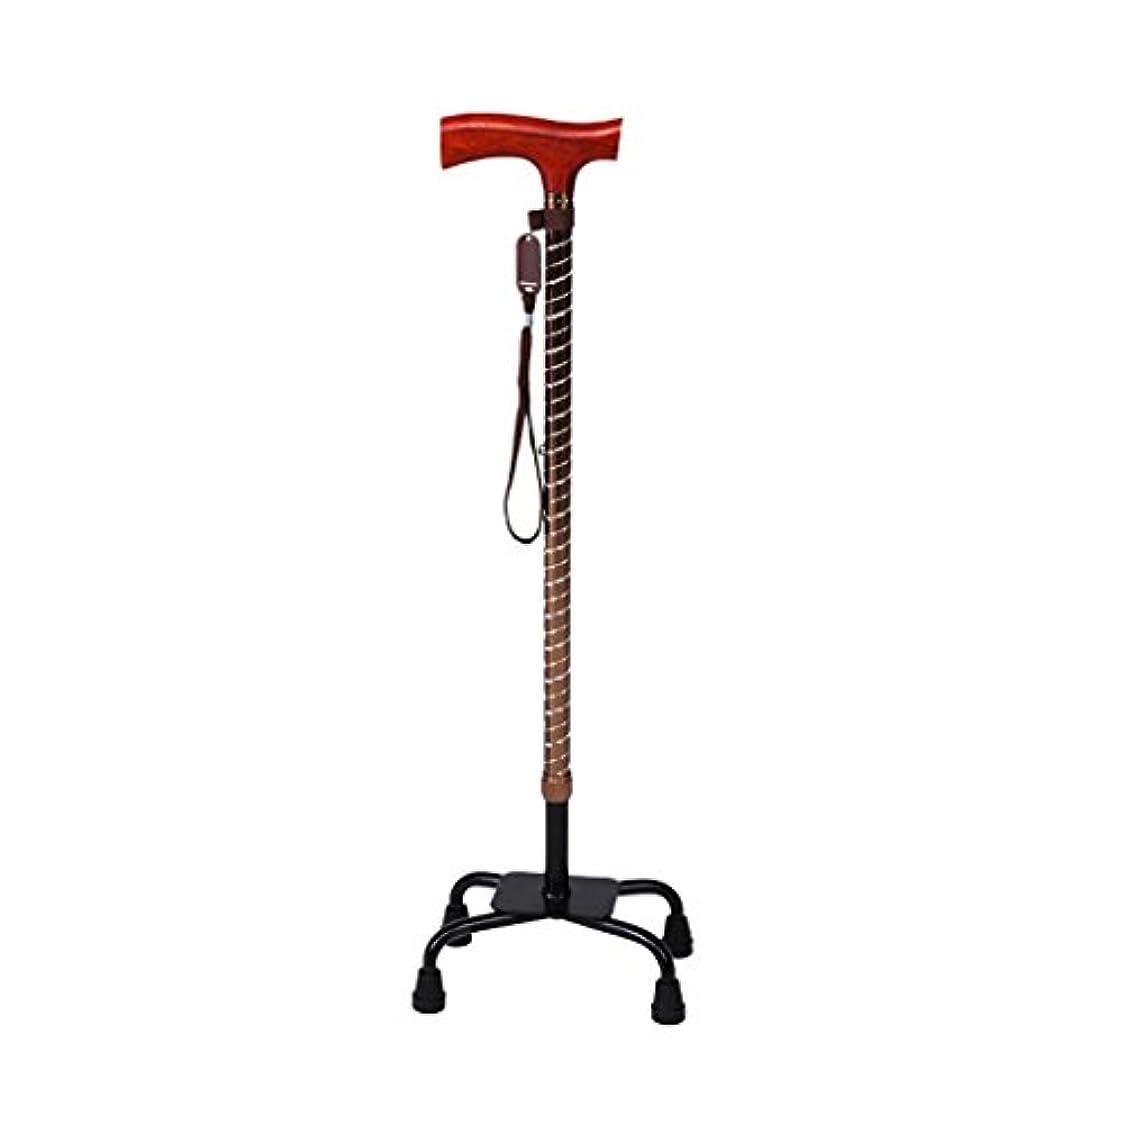 望ましい見かけ上トラフWENJUN プロフェッショナルロープラッピング木製ウォーキング/ハイキングスティック古い4フィートの引き戻し可能なマホガニーウォーキングスティック多機能ノンスリップアシスト4つの爪の松葉杖 (色 : ゴールド)